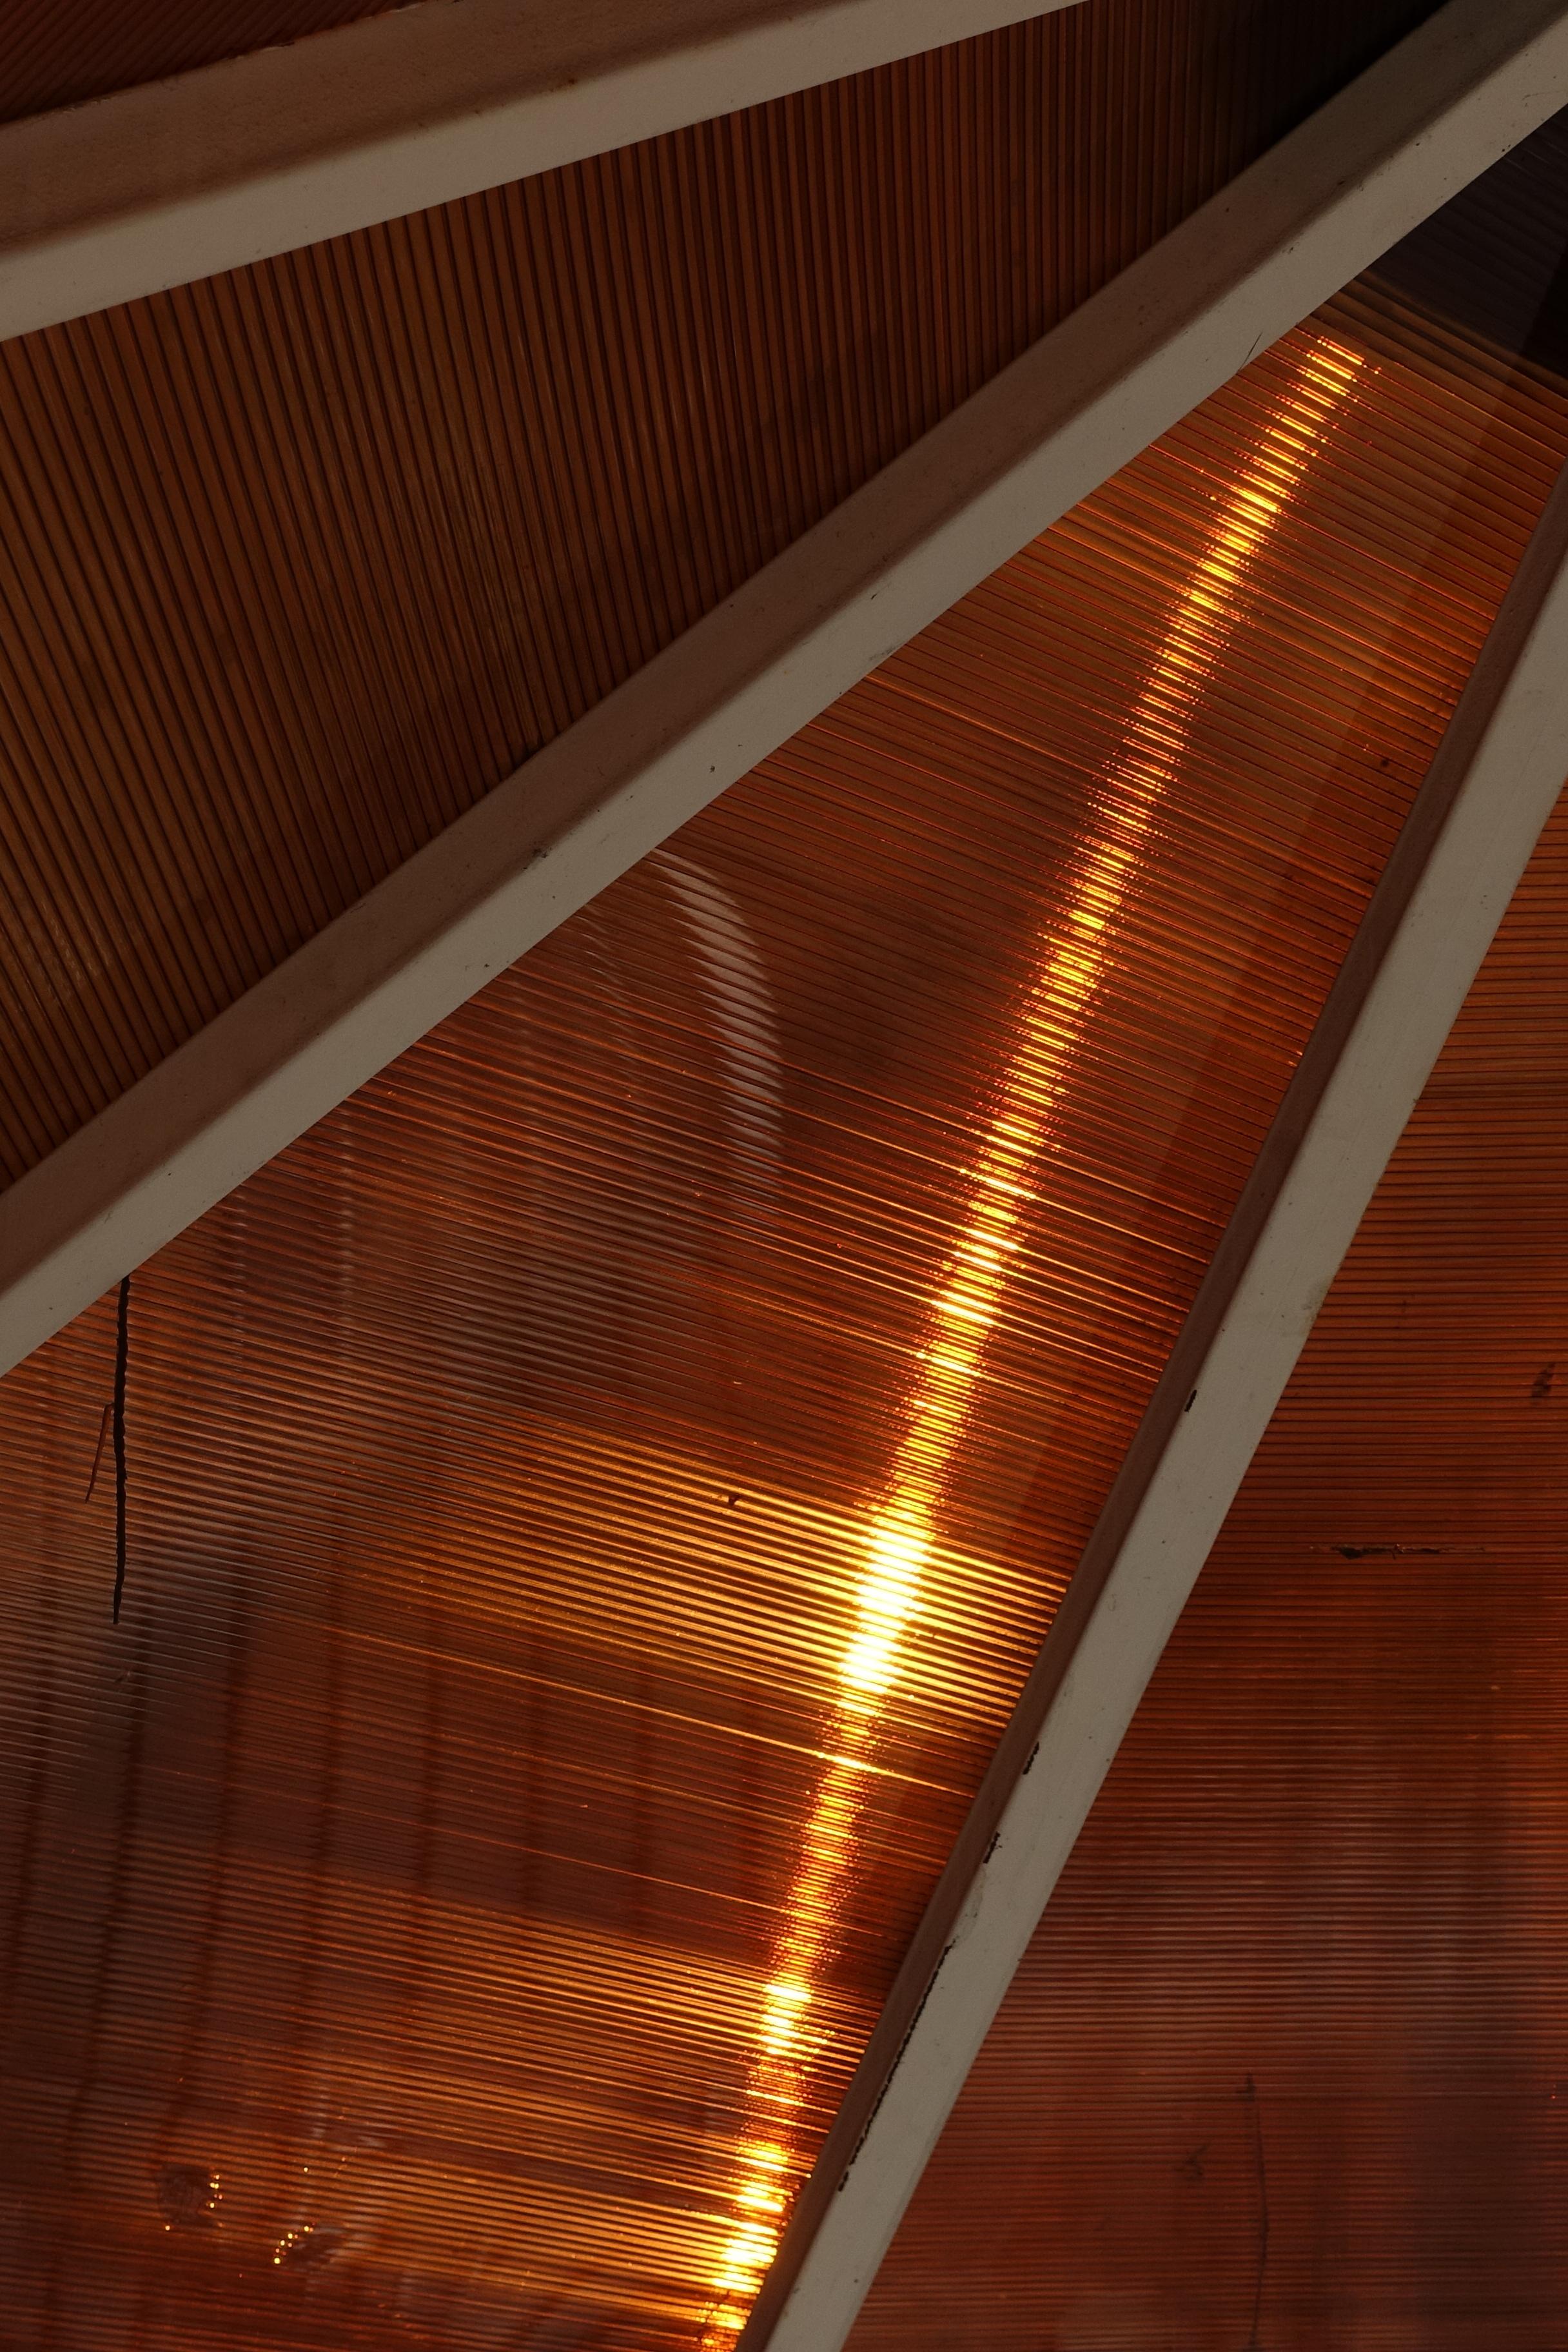 무료 이미지 : 빛, 목재, 천장, 기하학, 조명, 인테리어 디자인 ...